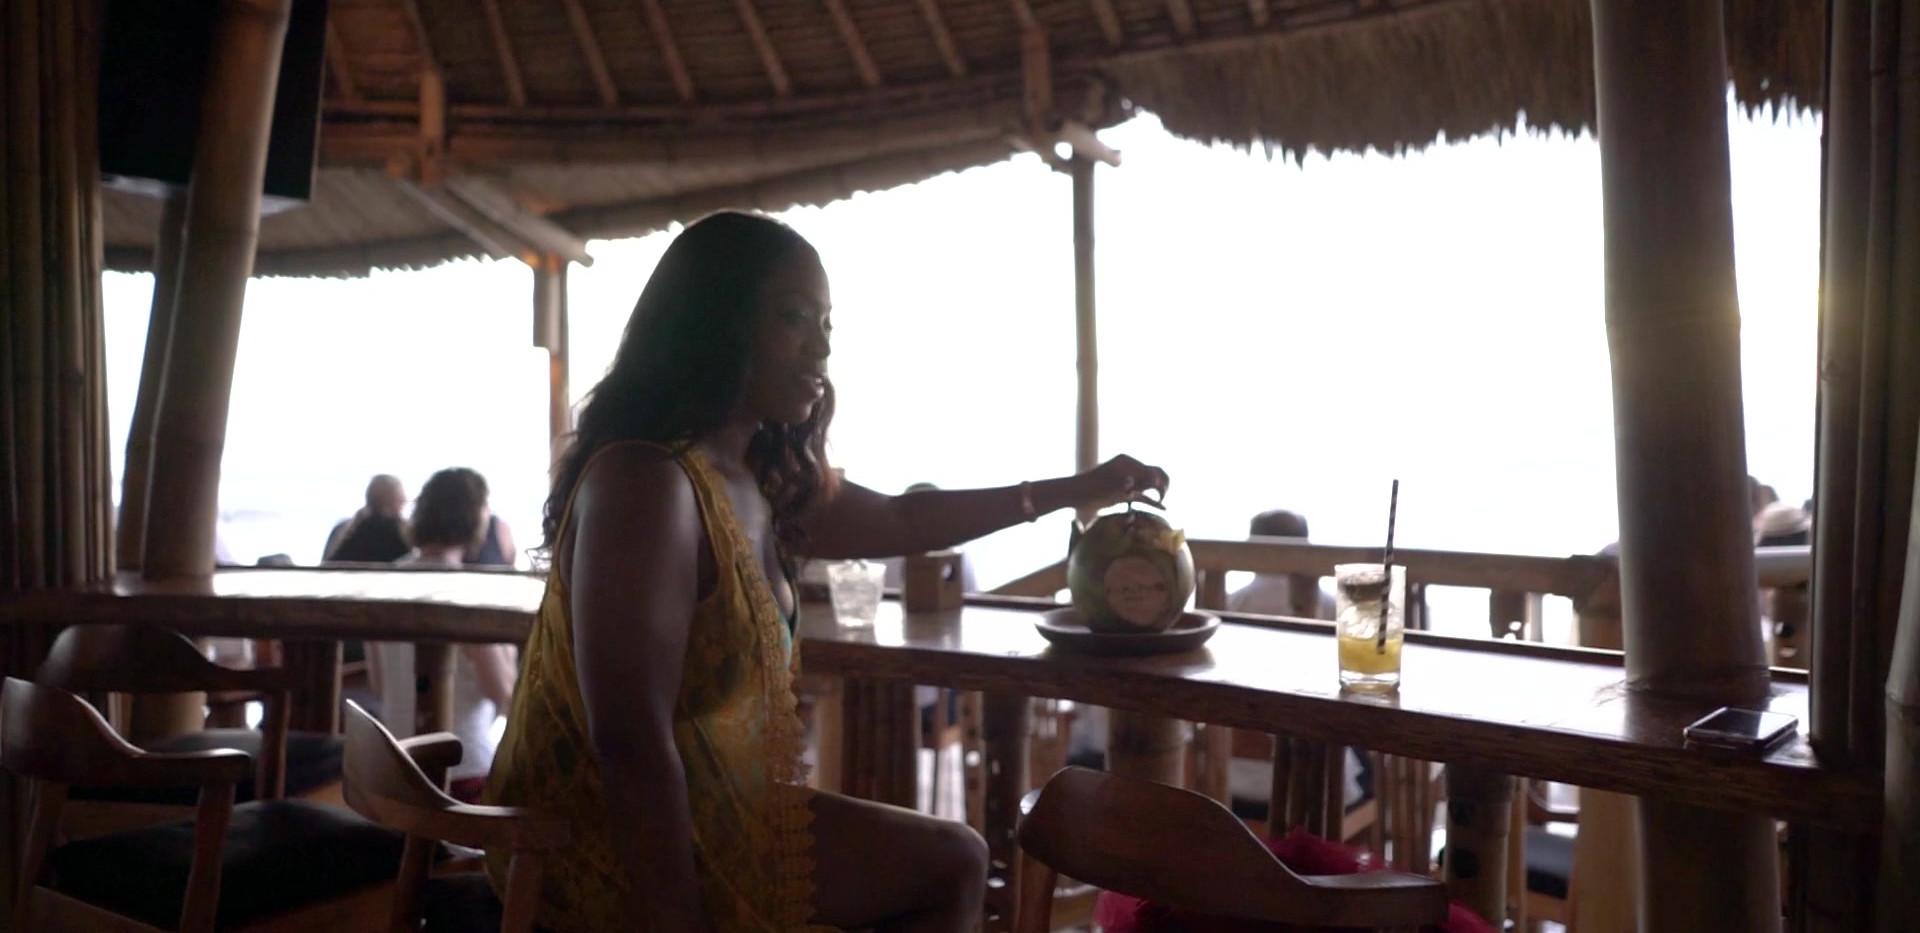 elitedollerica Bali 2019 FULL.mp4